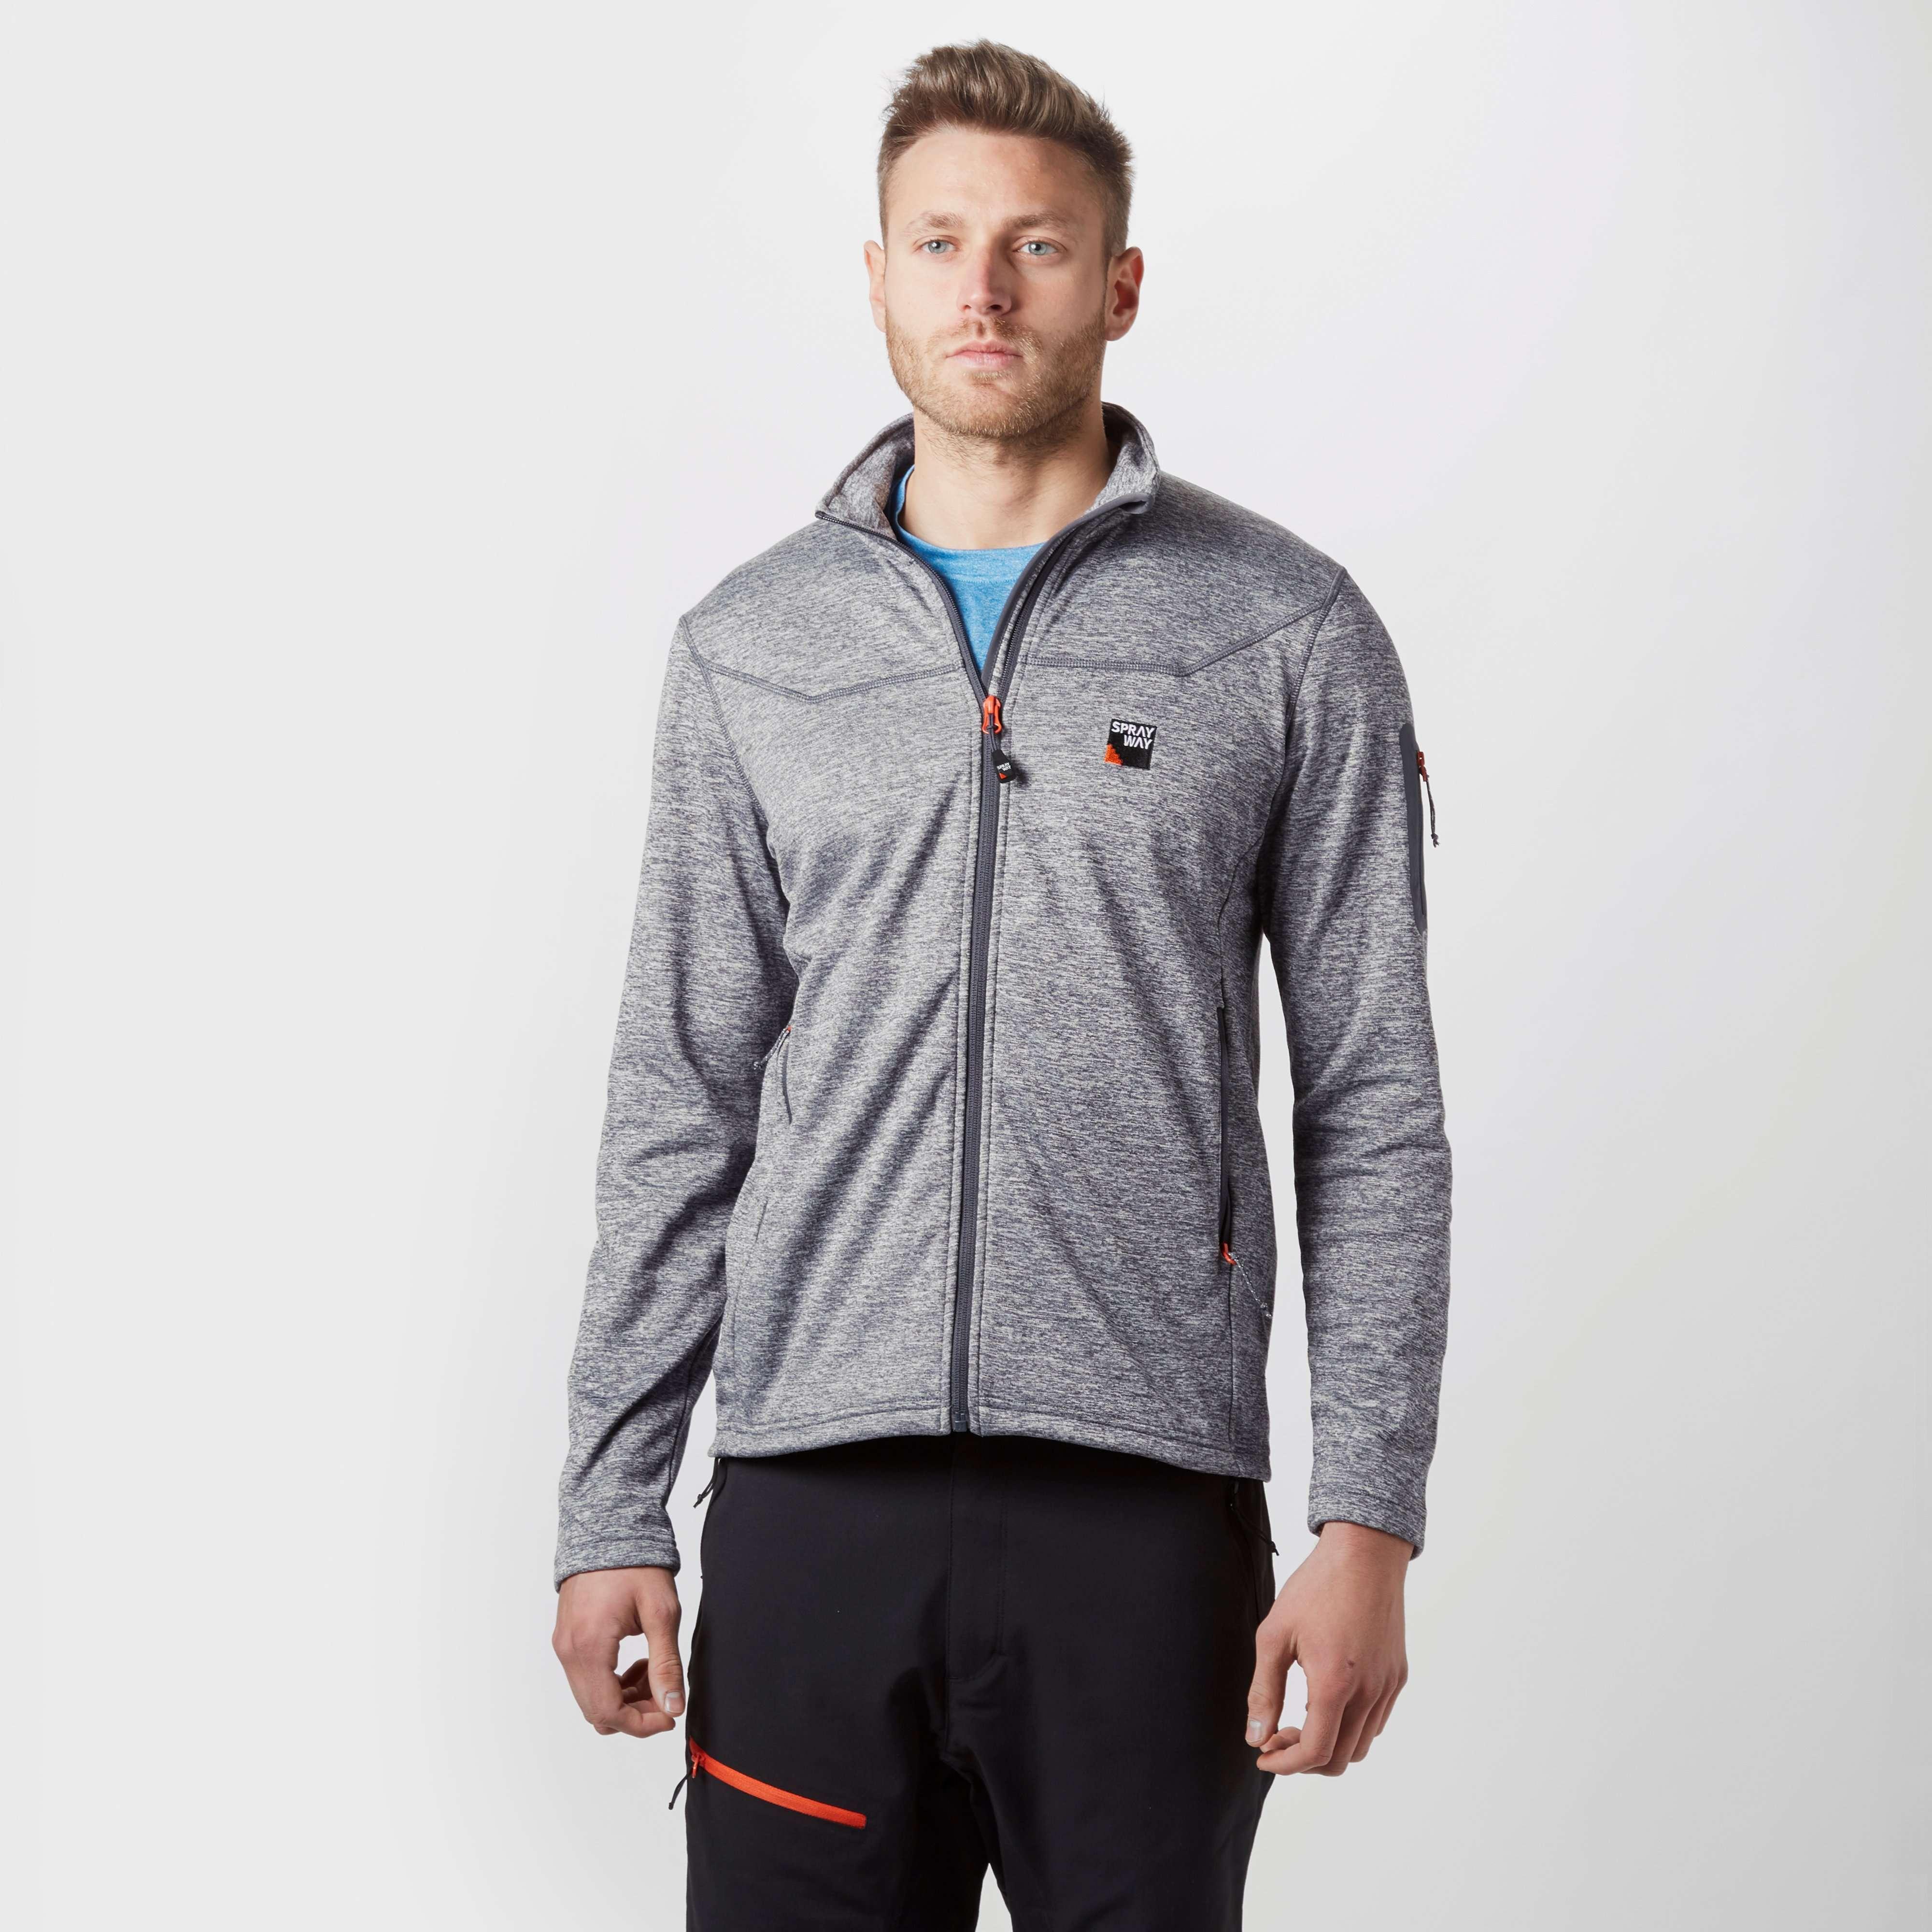 SPRAYWAY Men's Potrero Full Zip Fleece